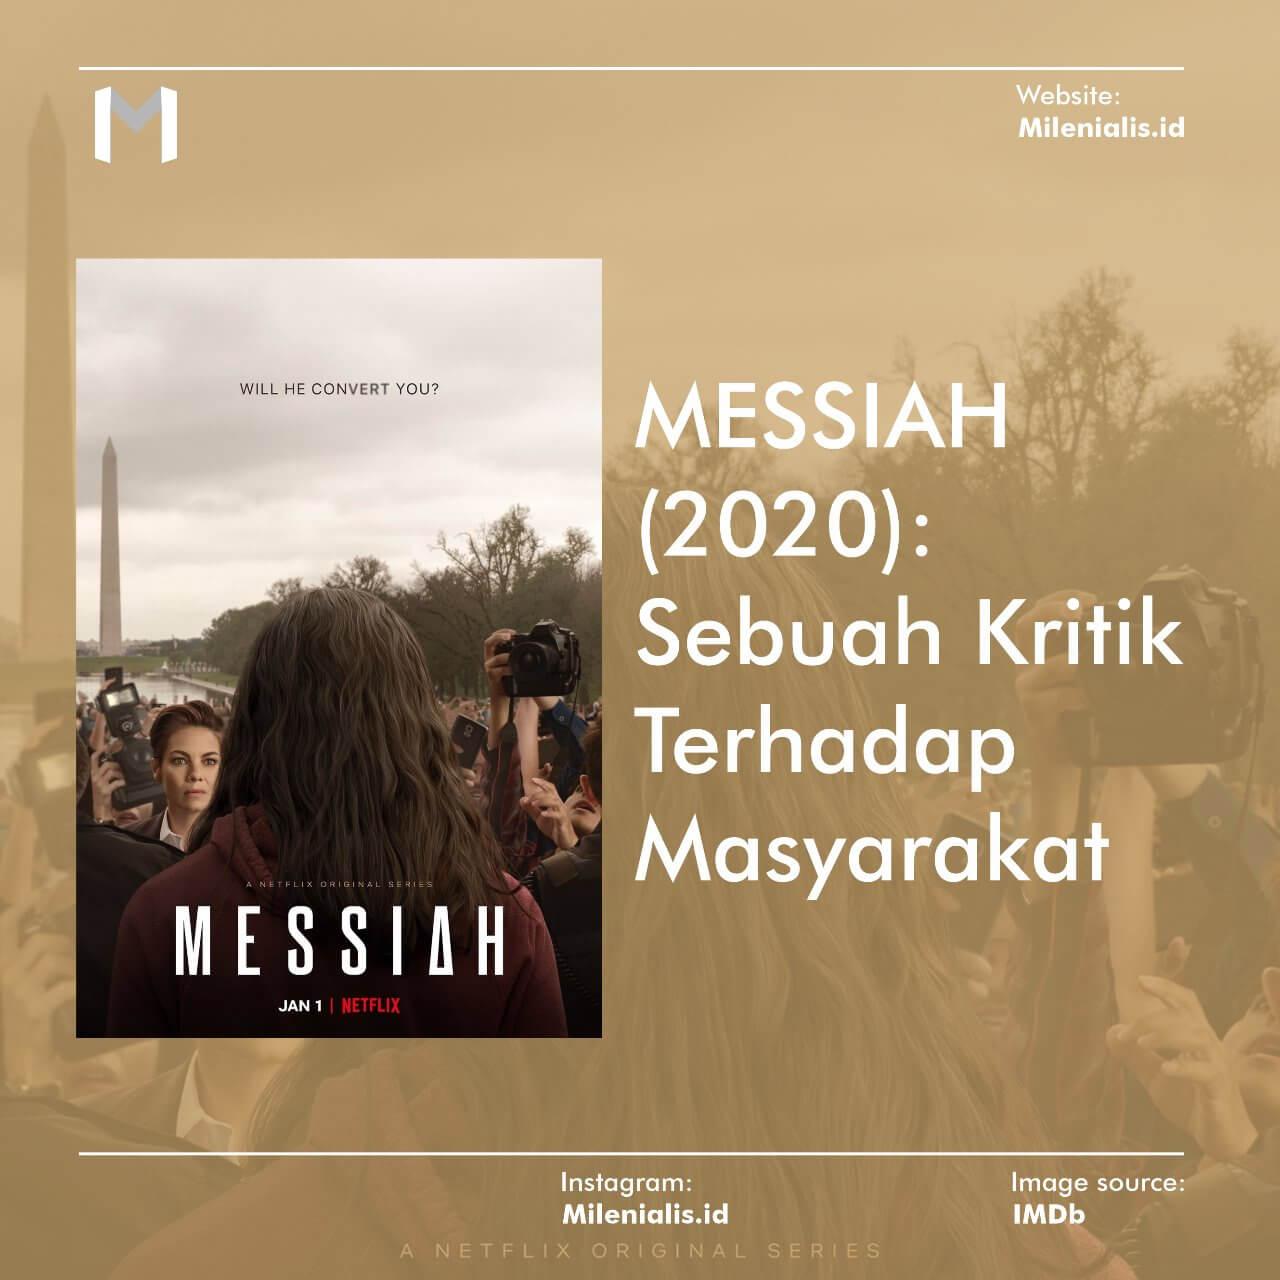 Film Messiah (2020) Sebuah Kritik Terhadap Masyarakat